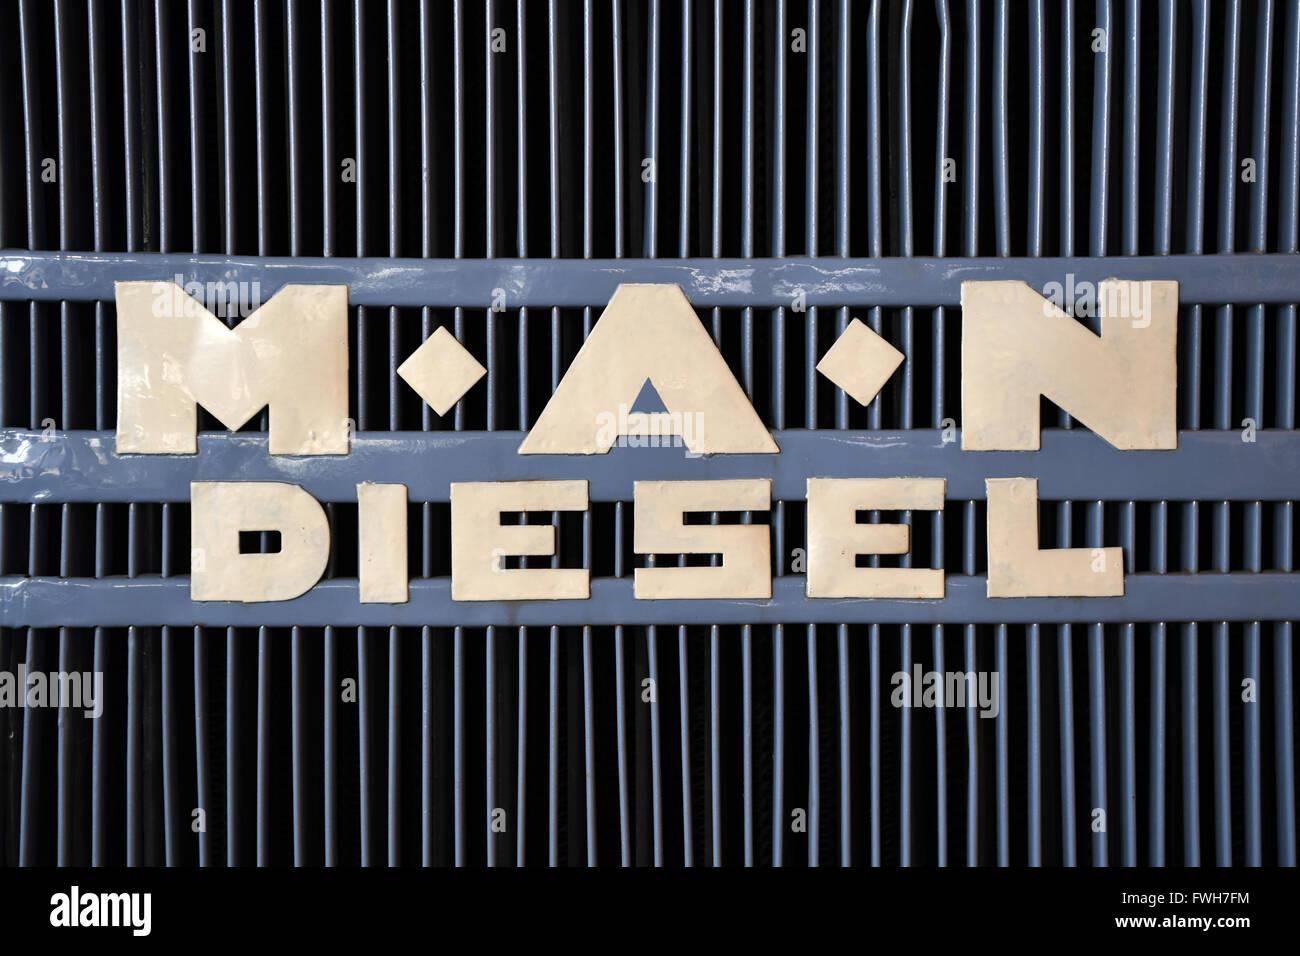 Monaco di Baviera, Germania. 04 apr, 2016. Un logo storico del produttore di autocarri MAN, a Monaco di Baviera, Germania, 04 aprile 2016. Foto: PETER KNEFFEL/dpa/Alamy Live News Foto Stock